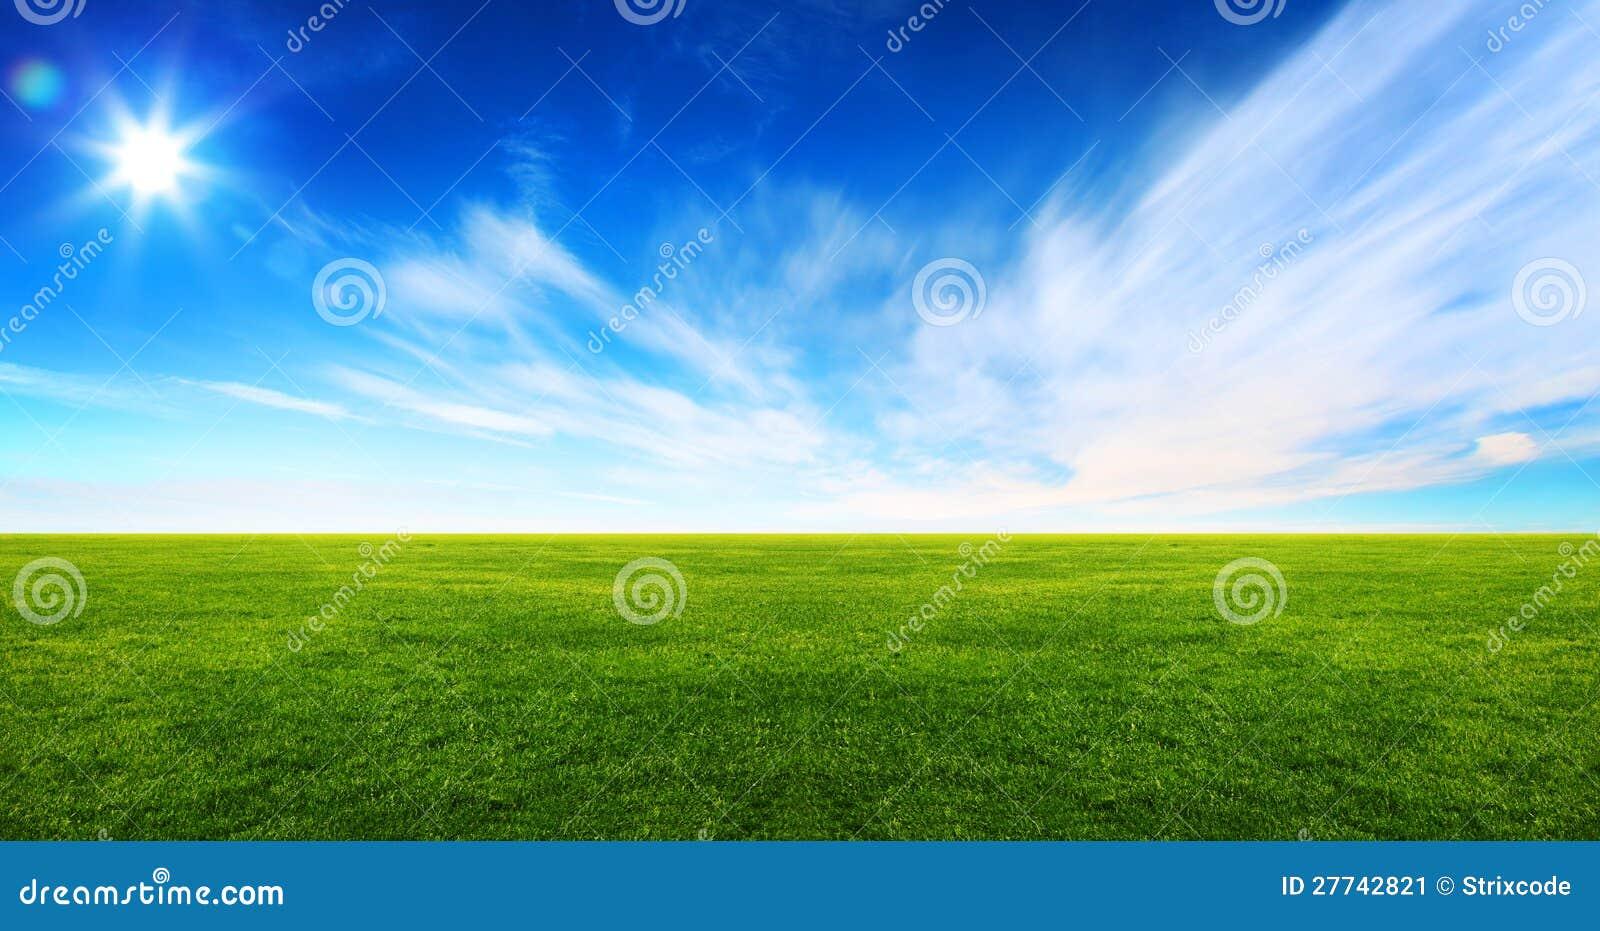 Imagem larga do campo de grama verde